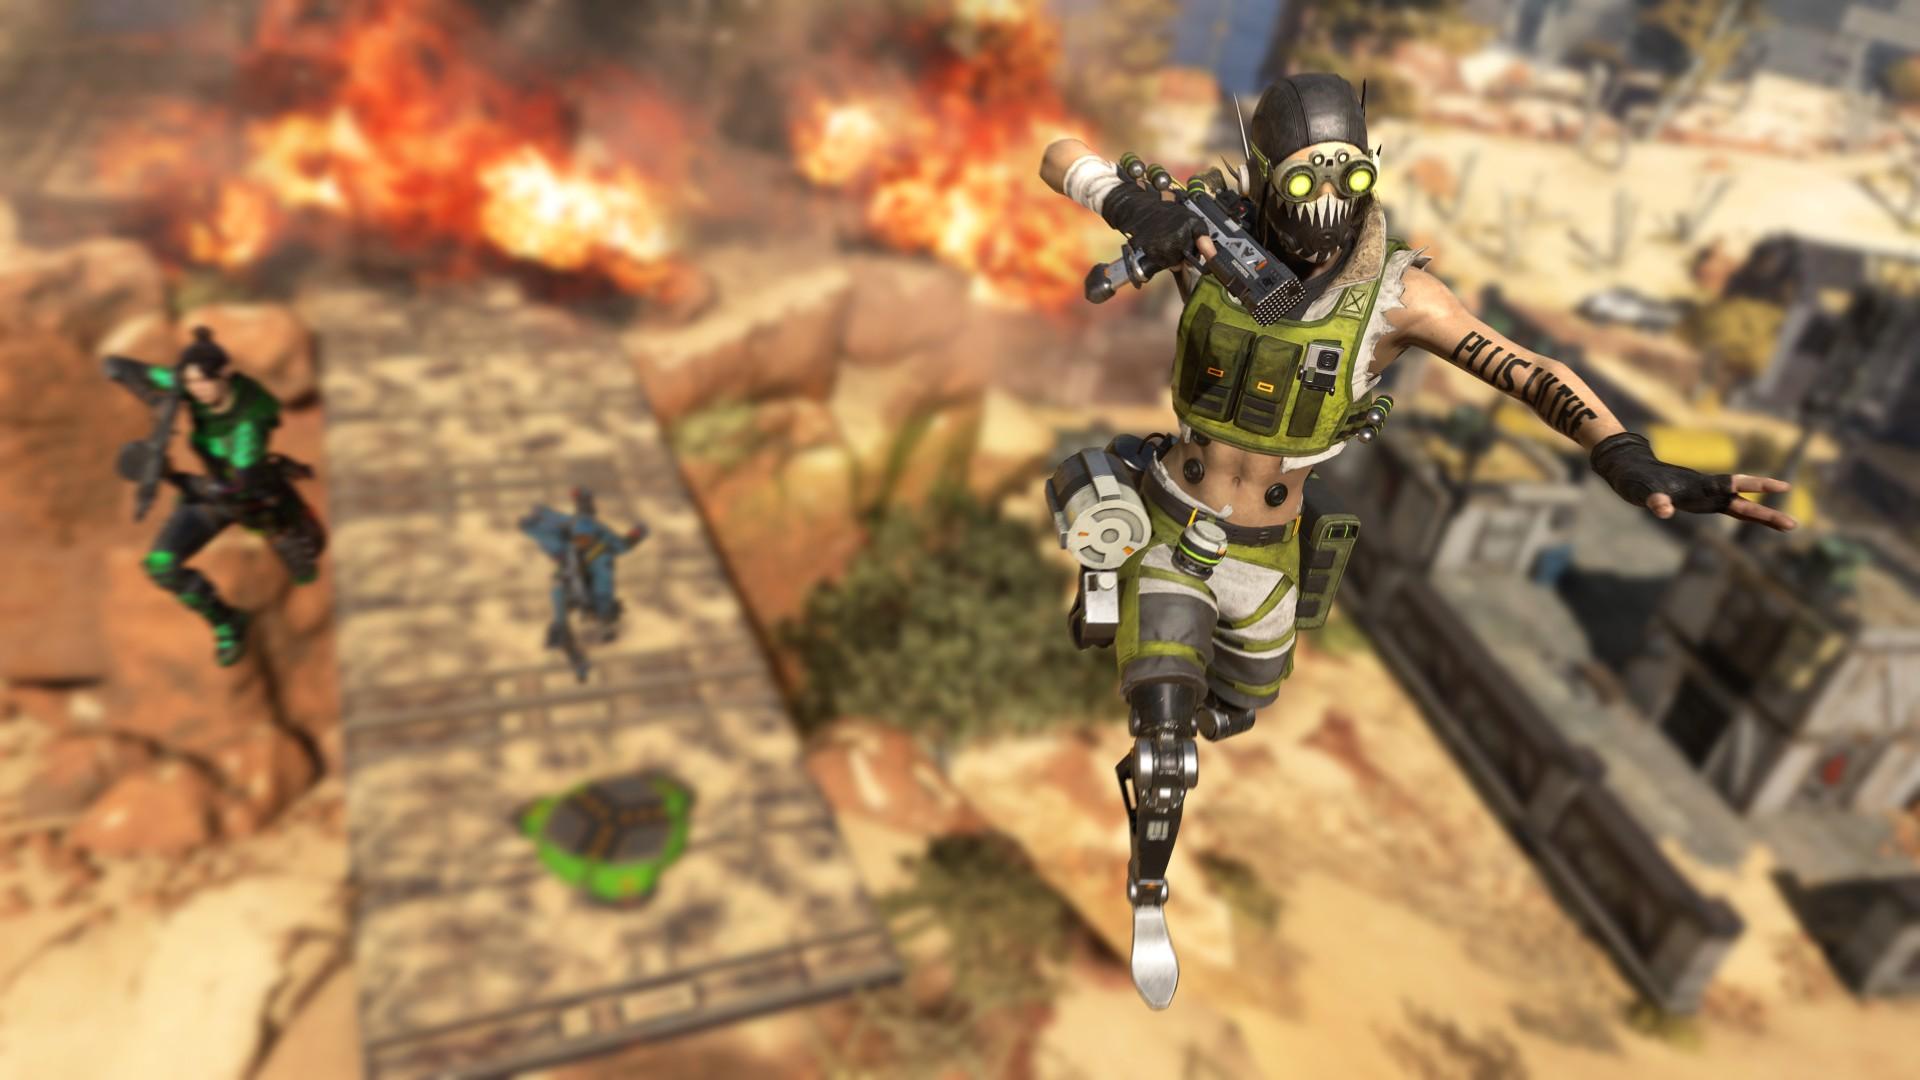 Игроки в Apex Legends нашли баг, позволяющий летать